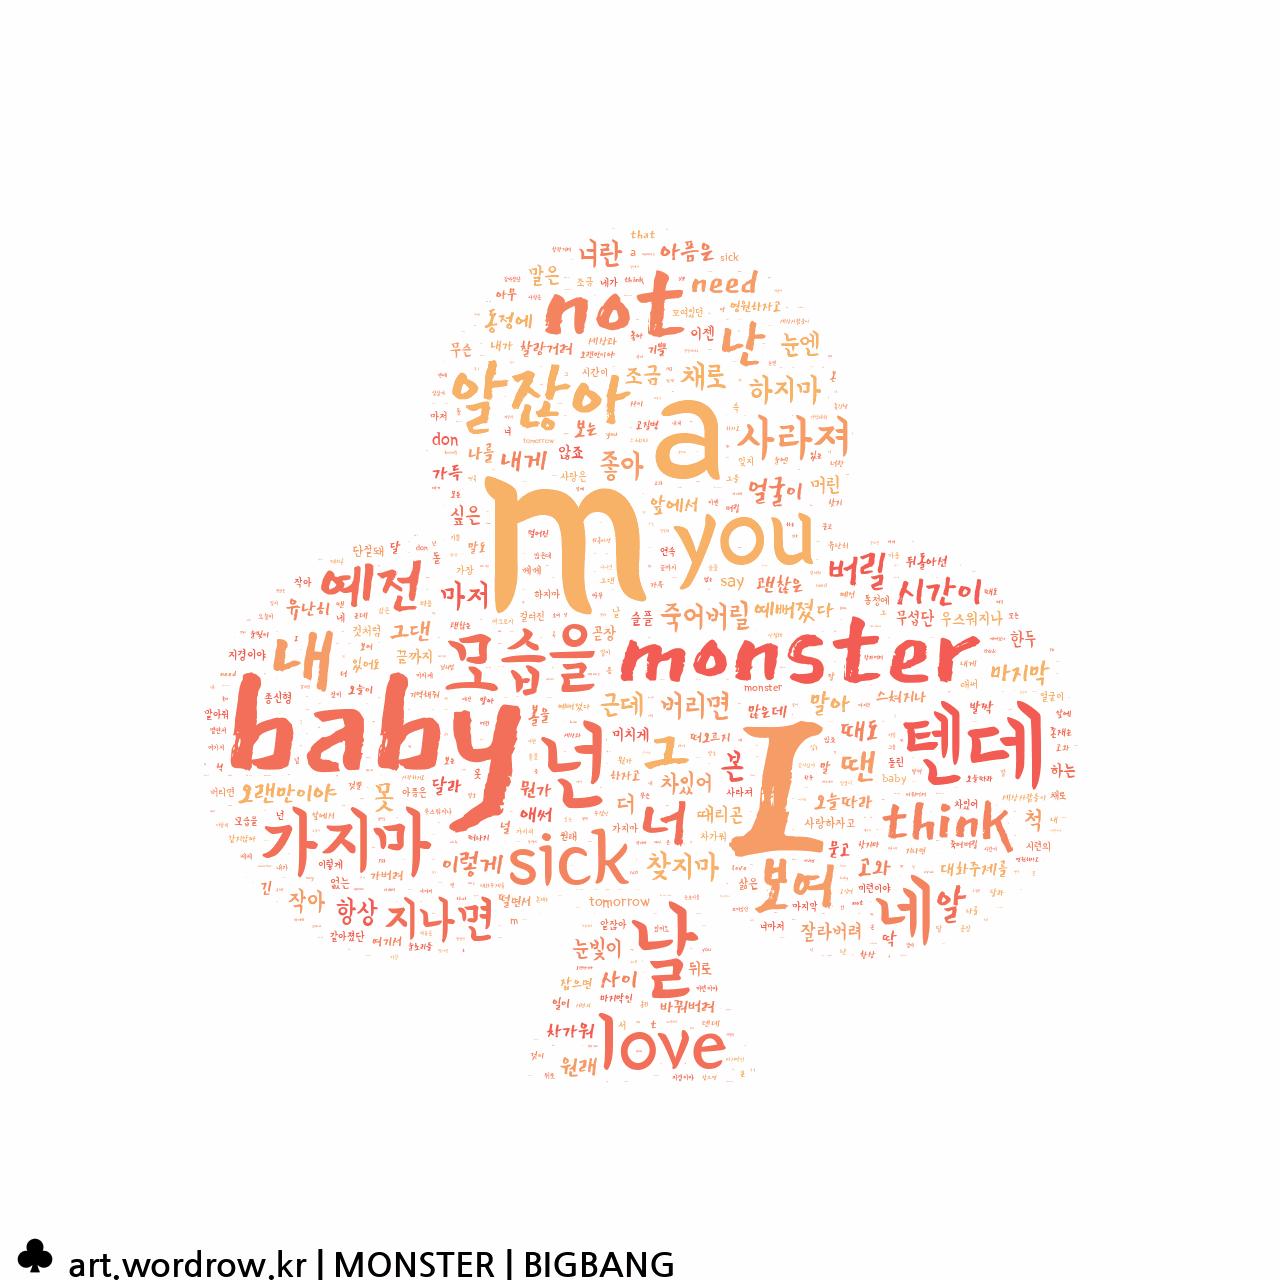 워드 아트: MONSTER [BIGBANG]-80